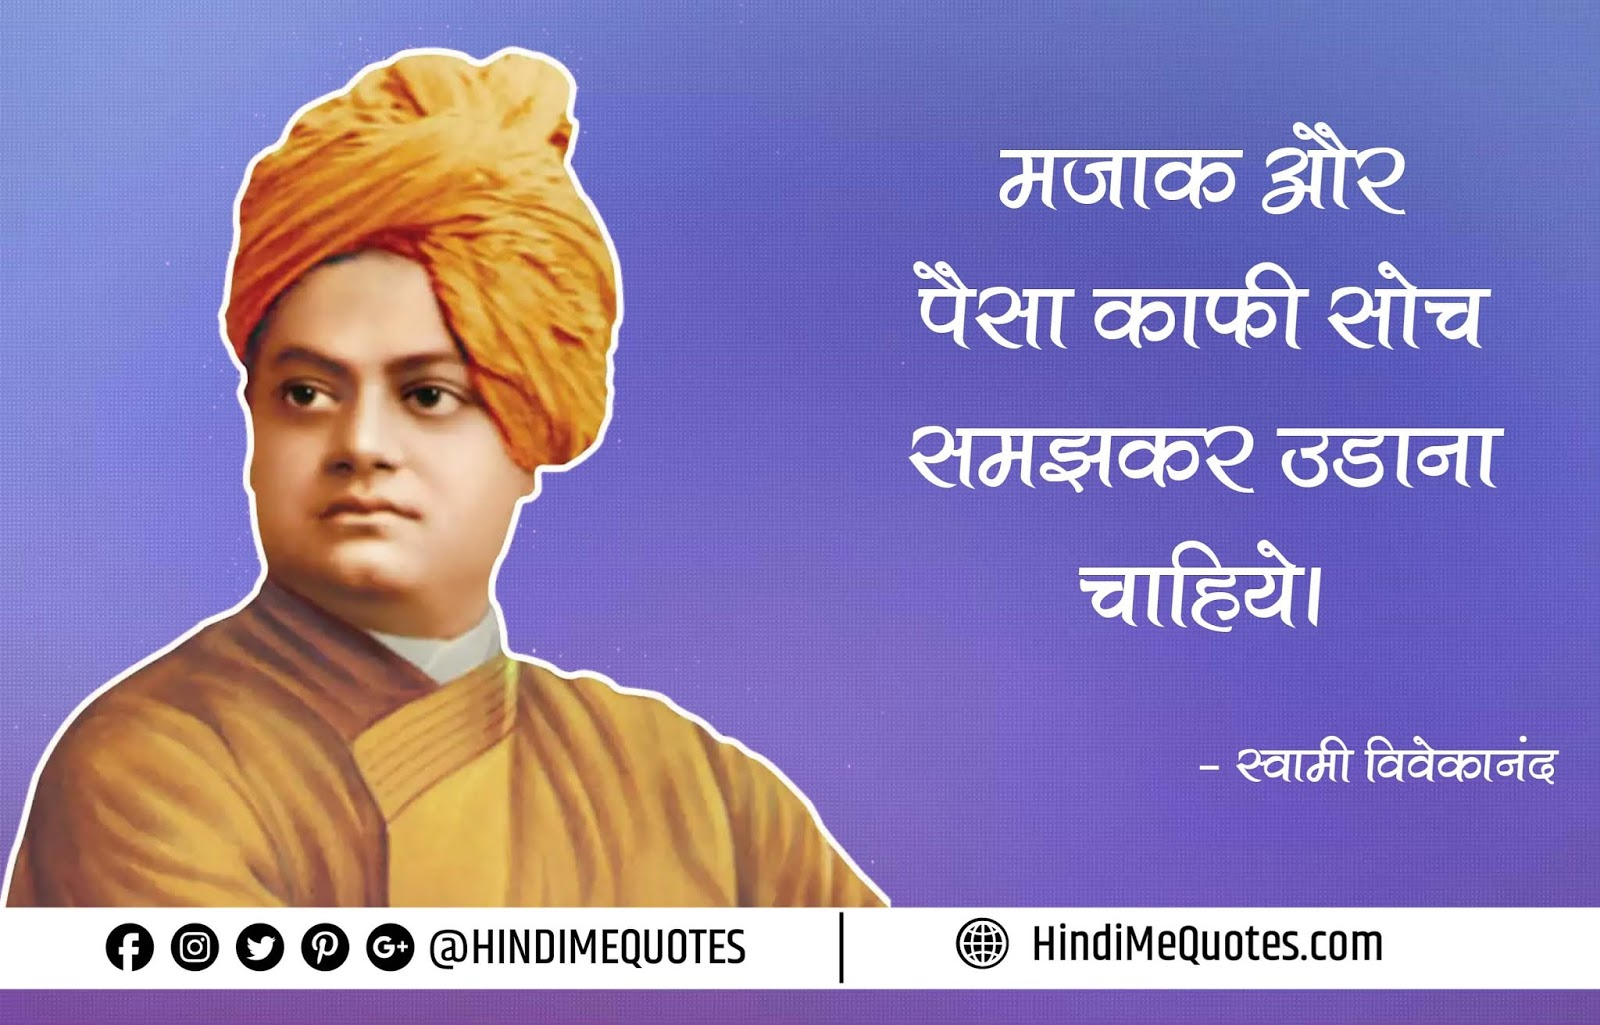 swami-vivekanand-hindi-quotes